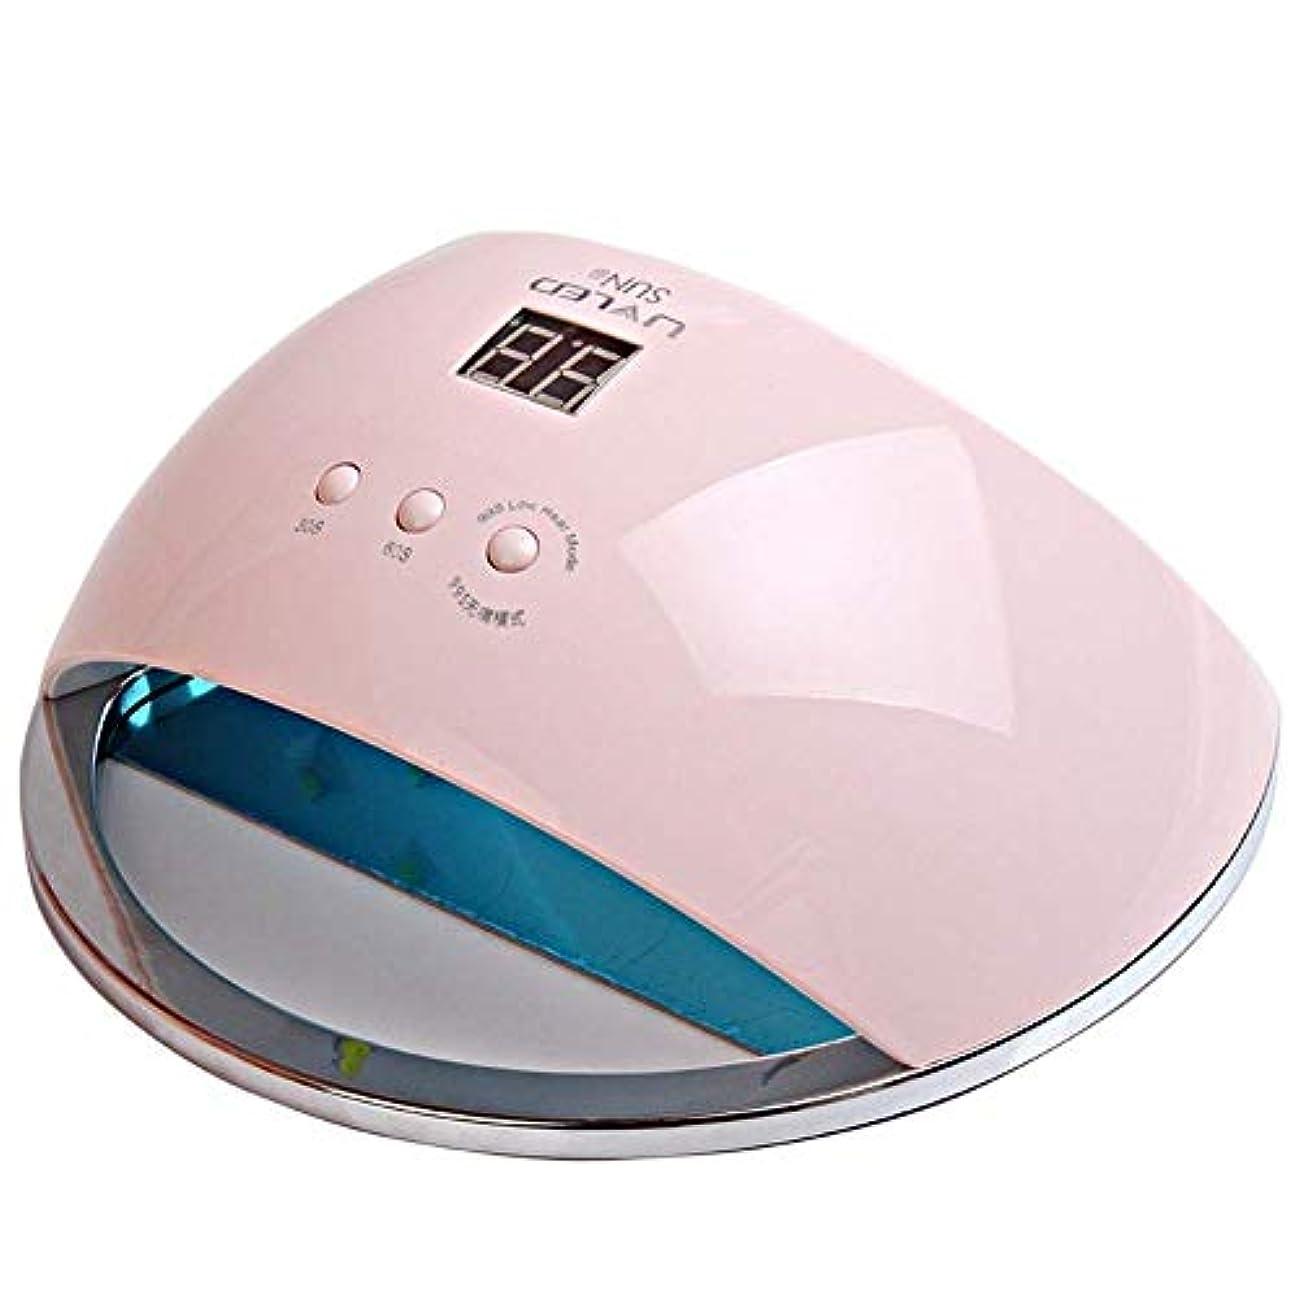 特別なビルダーシルクネイルドライヤーランプ用ネイル48W SUN6 UV LEDランプポータブル高品質ネイルドラムセンサーとLCD硬化UVネイルジェルネイルツールufランプ、画像としての色